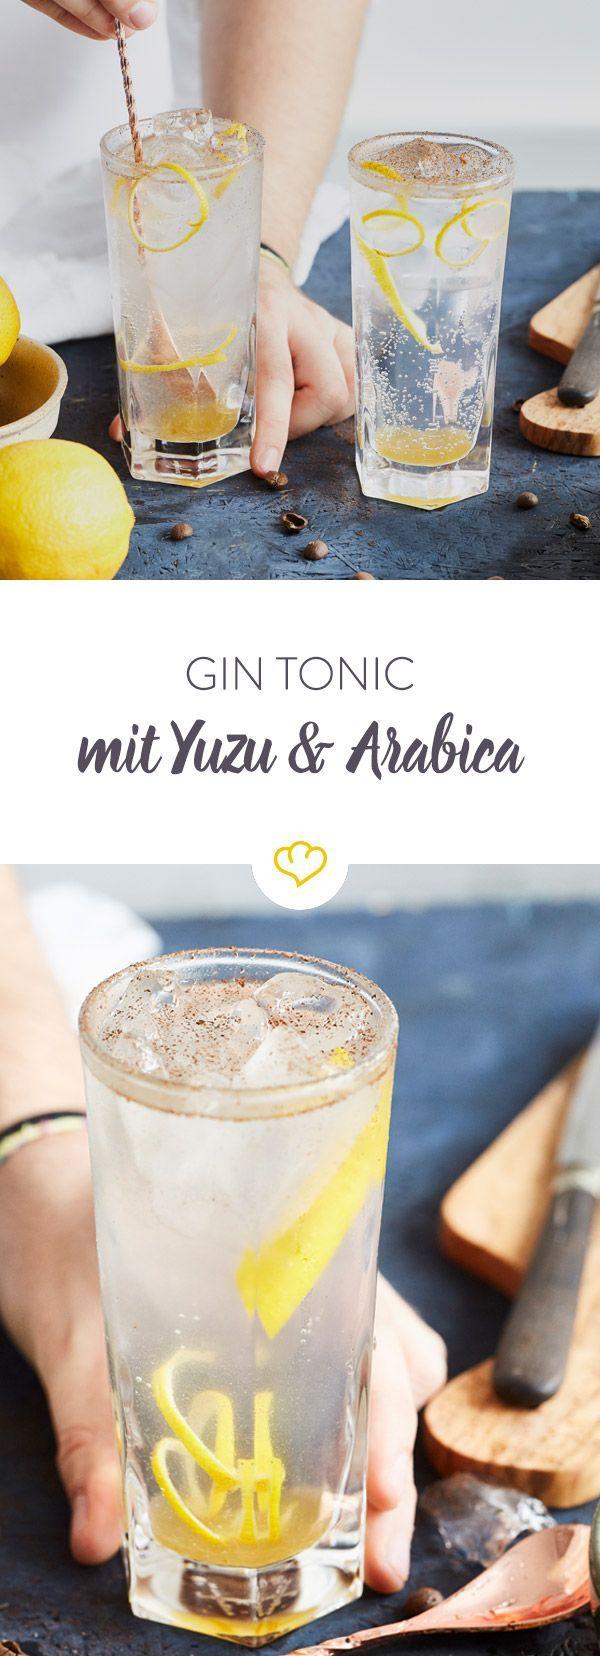 Hol dir einen Touch Asien in deinen Drink und mische deinen nächsten Gin Tonic mit frischem Yuzu Saft und geriebenen Arabica-Kaffeebohnen.